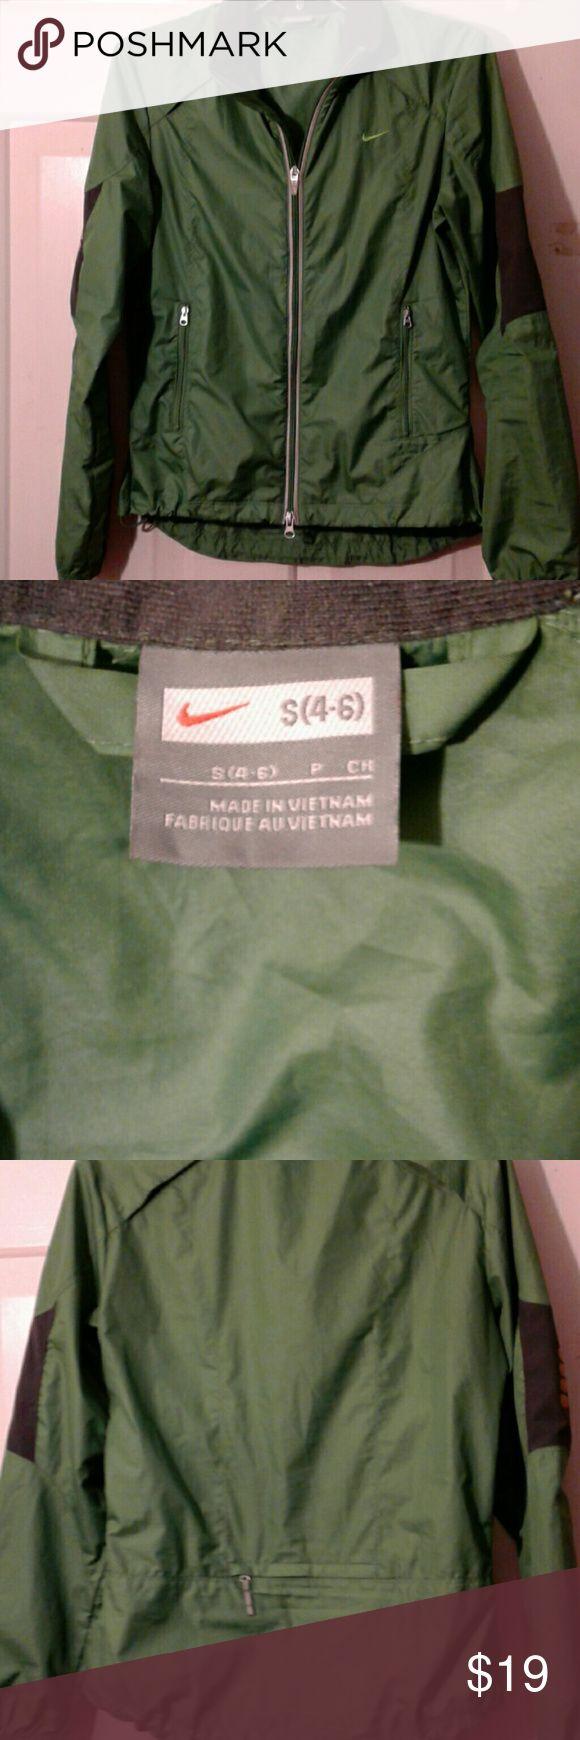 Women's Nike Windbreaker Jacket NWOT!! SZ. 4-6. Small. Nike Jackets & Coats